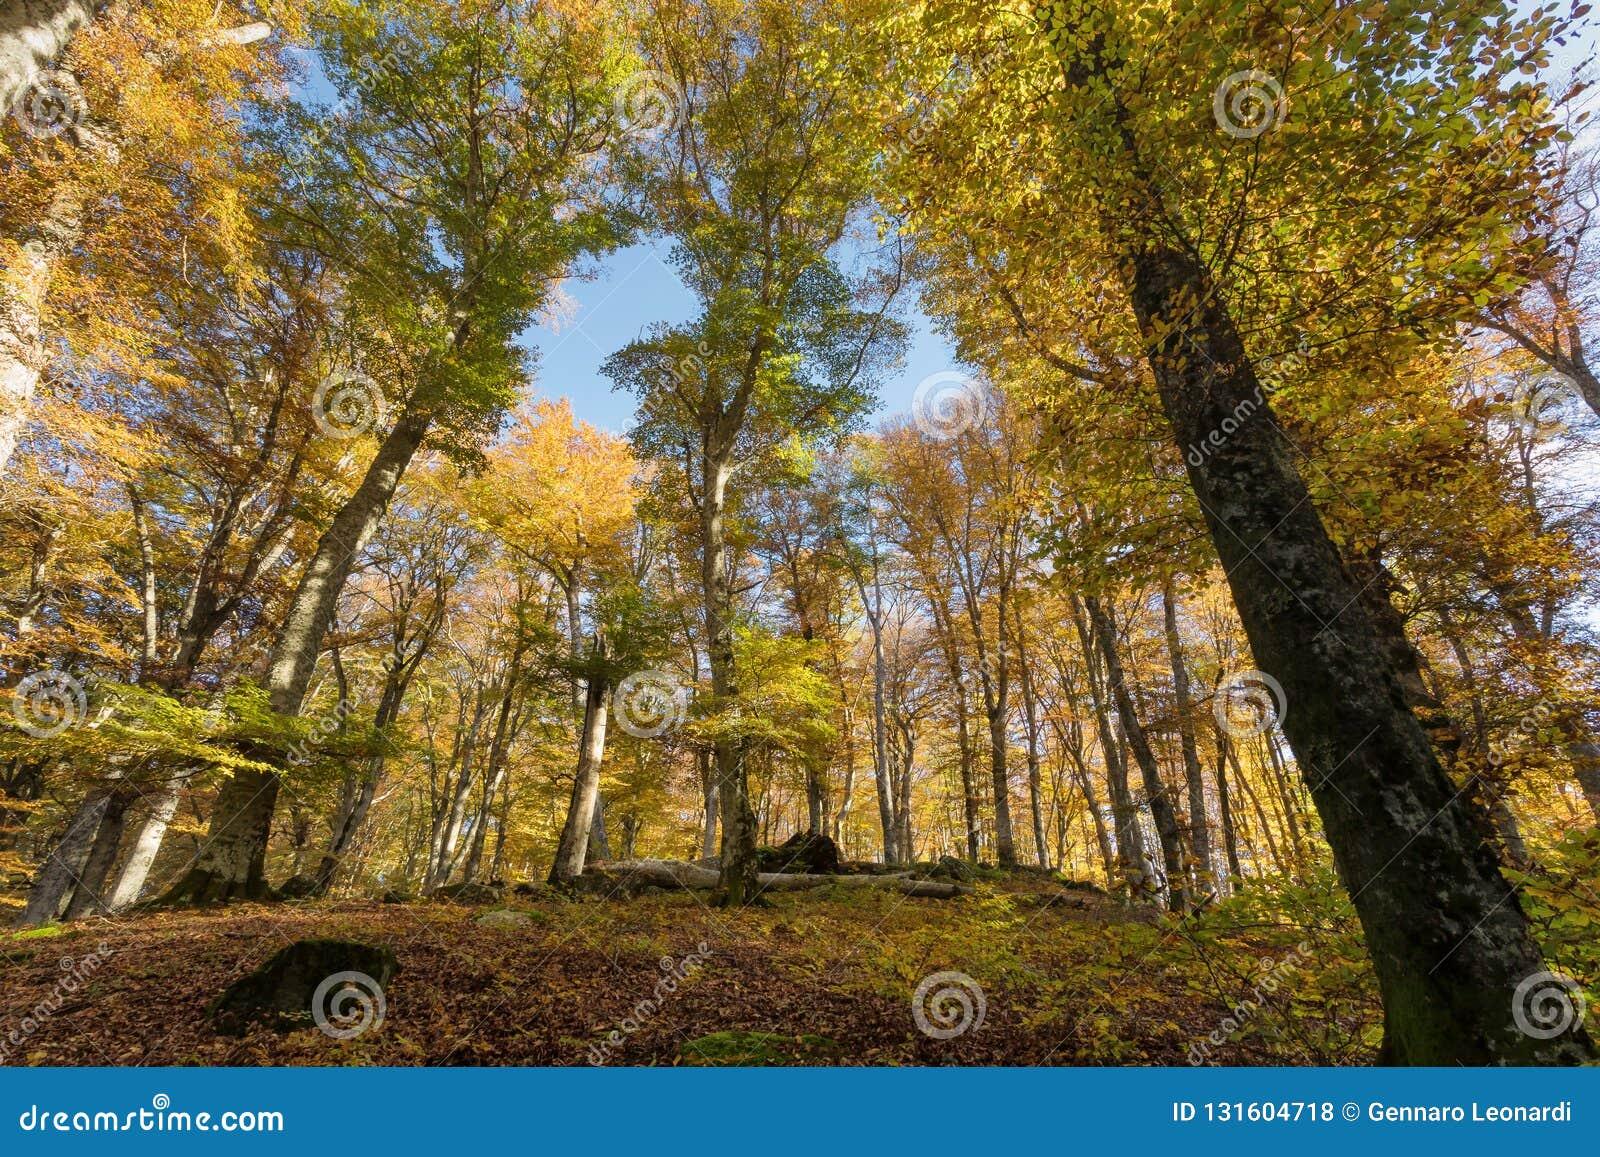 Лес бука с деревьями внутри освещает контржурным светом Сухие листья подлеска Цвета, ветви и хоботы осени без листьев покрывала